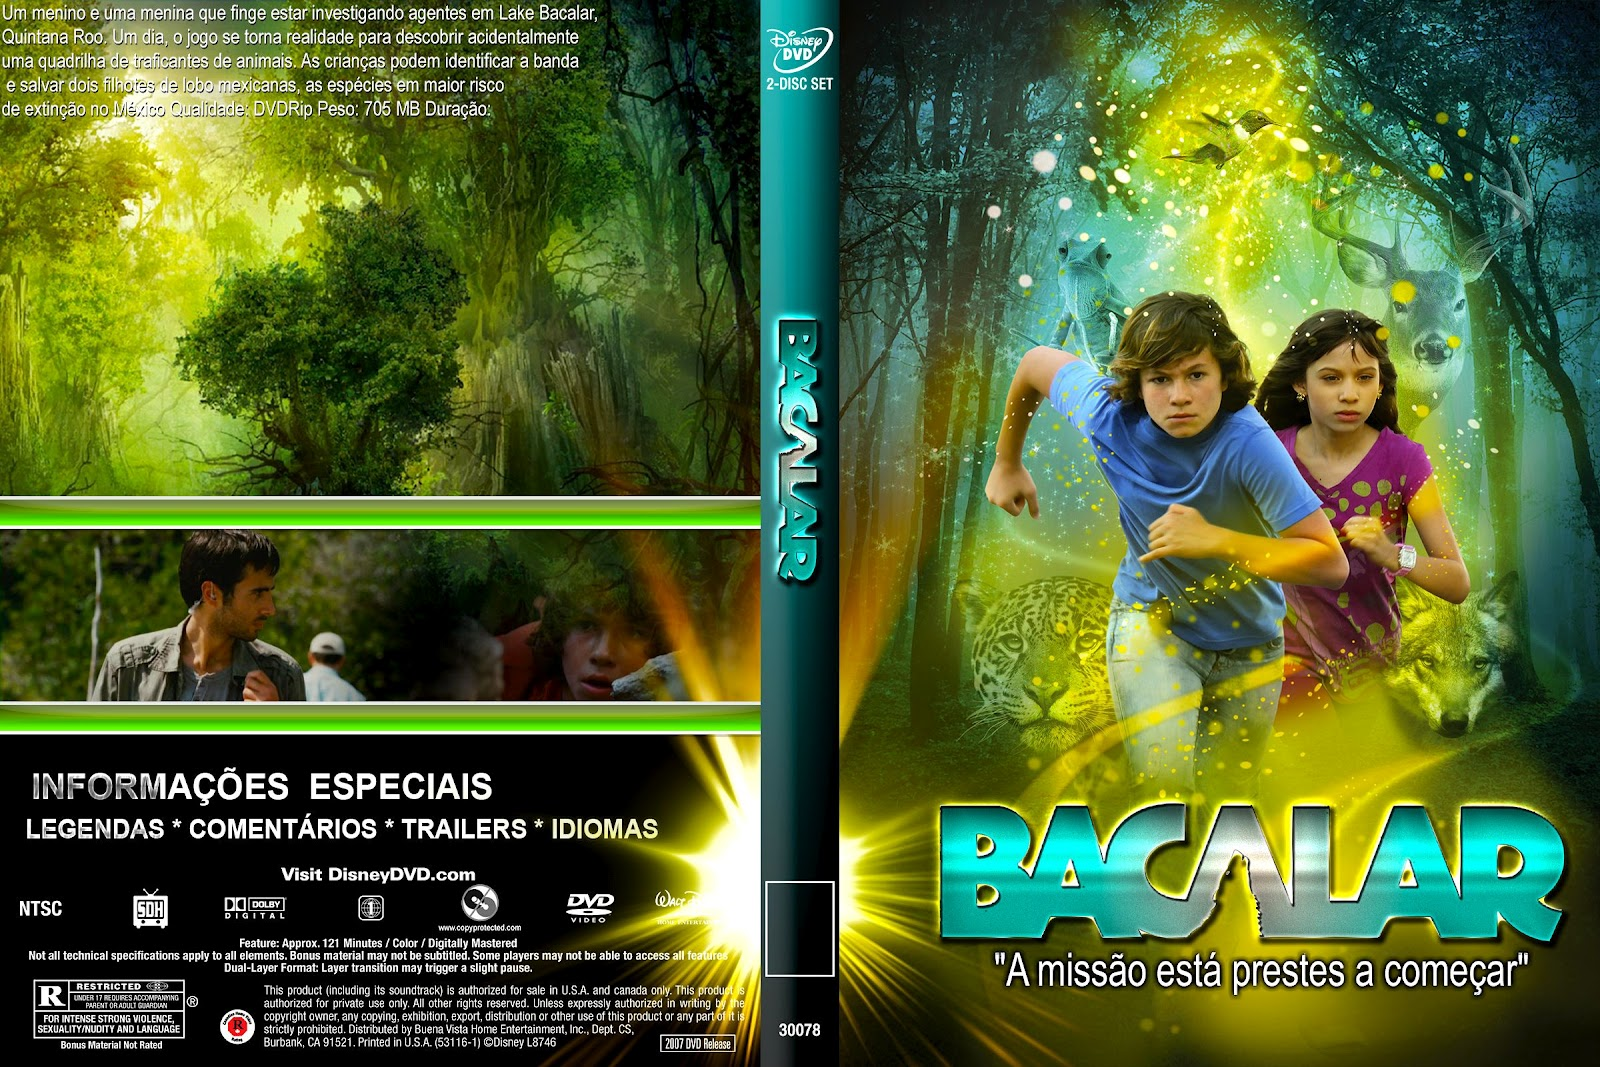 http://3.bp.blogspot.com/-zrfzwZ84a2c/UX7ypBNHFTI/AAAAAAAAA1A/FvnEMo-4Xrk/s1600/BACANAR.jpg